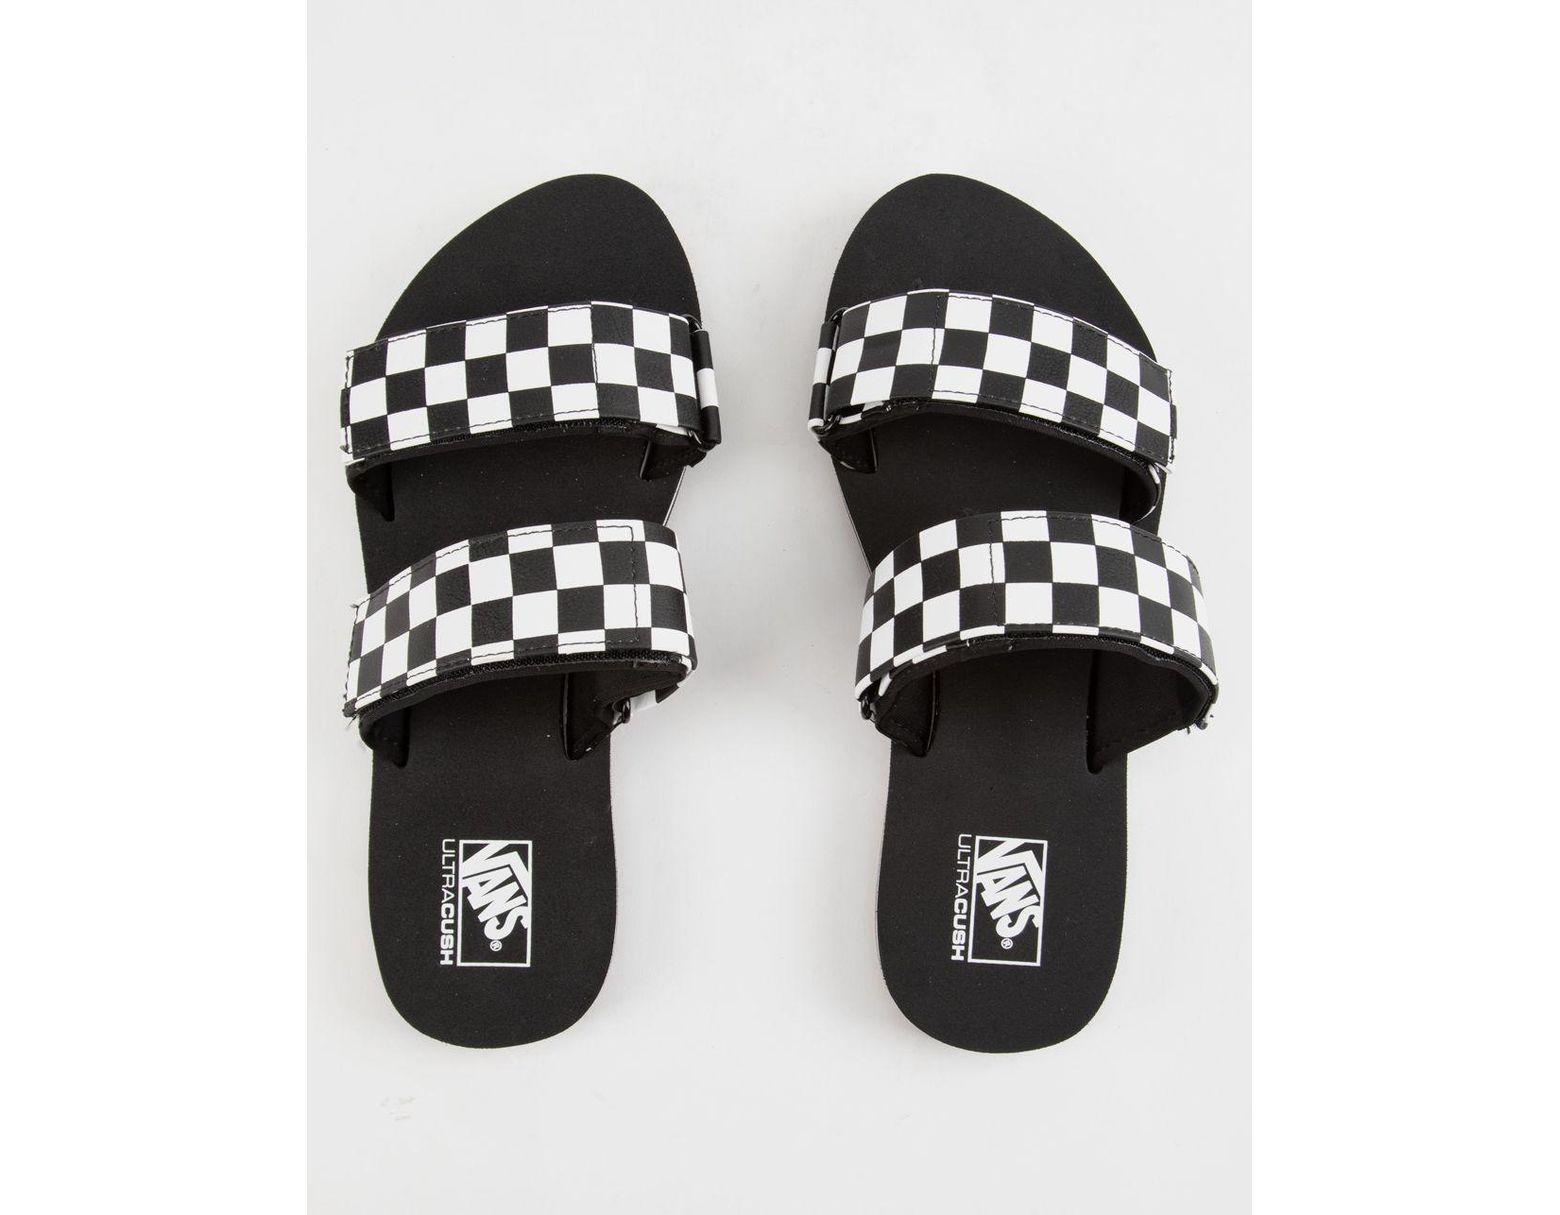 b890aaf33376 Lyst - Vans Cayucas Checkerboard Womens Slides in Black